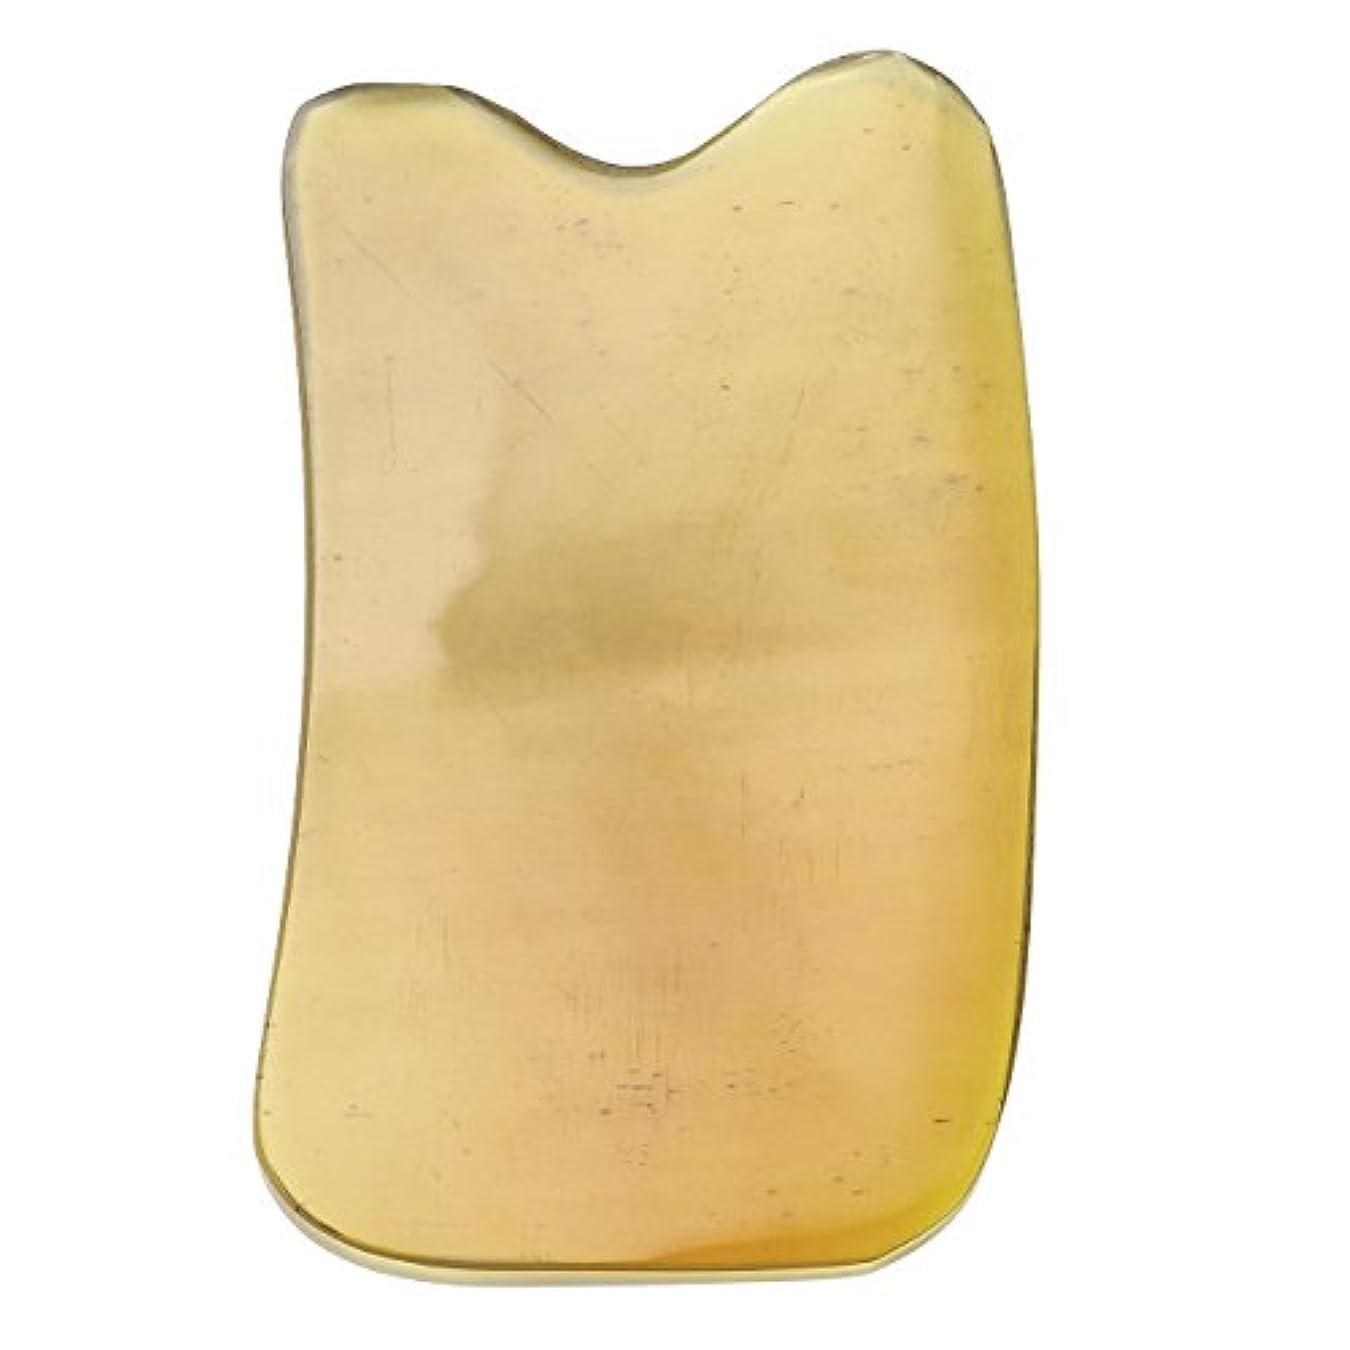 項目かわいらしいジャンプするJovivi Mak カッサリフトプレート 黄色 牛角 パワーストーン カッサ板 美顔 カッサボード カッサマッサージ道具 ギフトバッグを提供 (凹形)